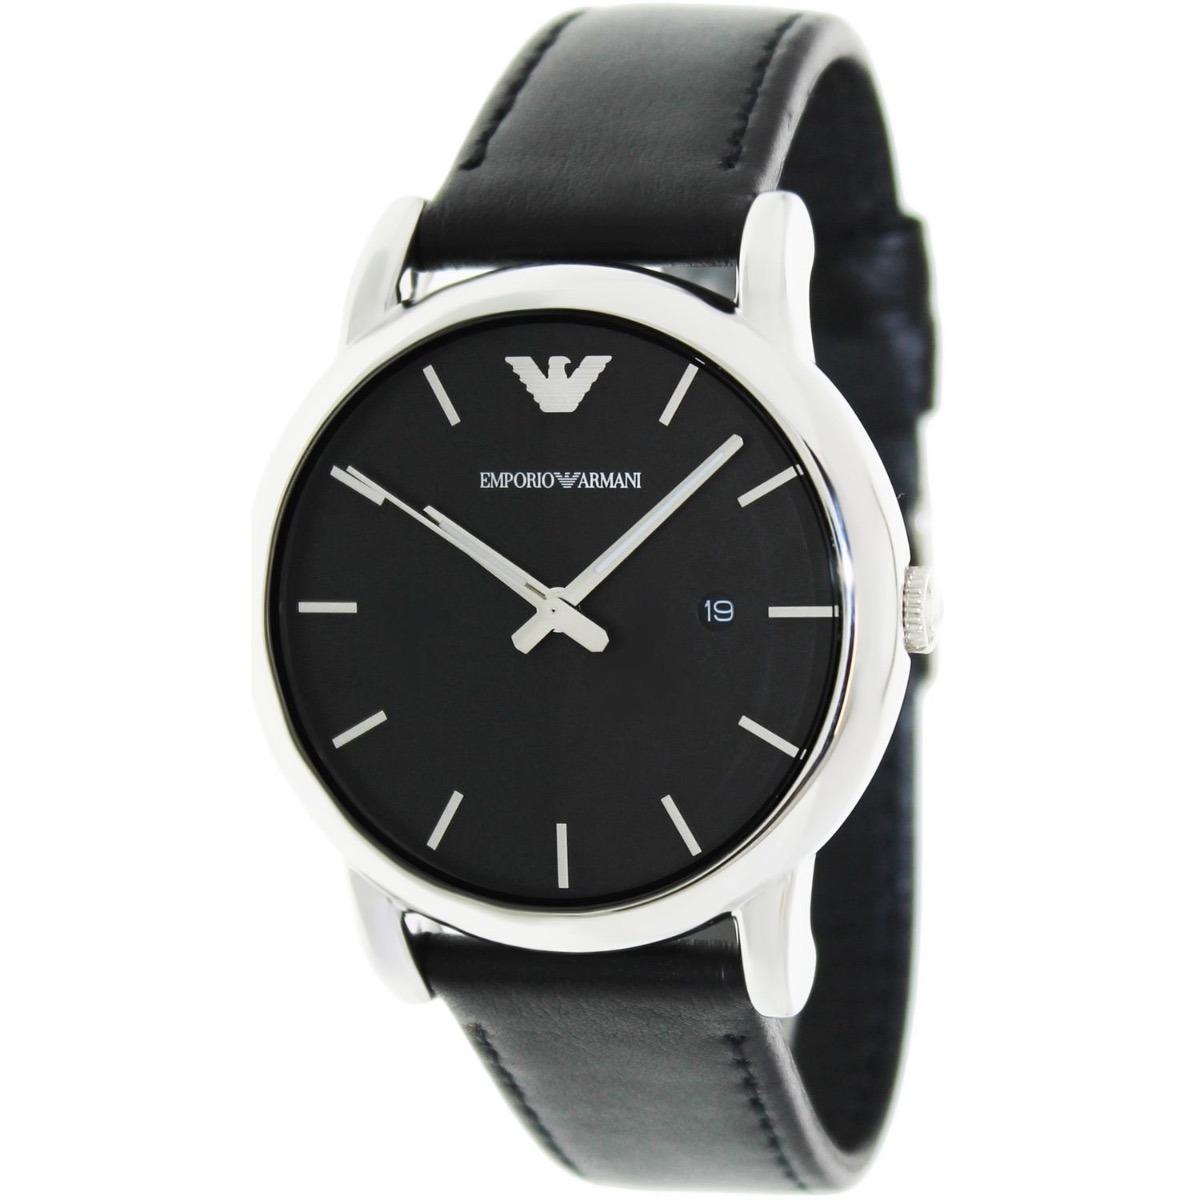 0d6320b571 Reloj Hombre Emporio Armani Classic Ar1692 Cuero Negro - U$S 290,00 ...